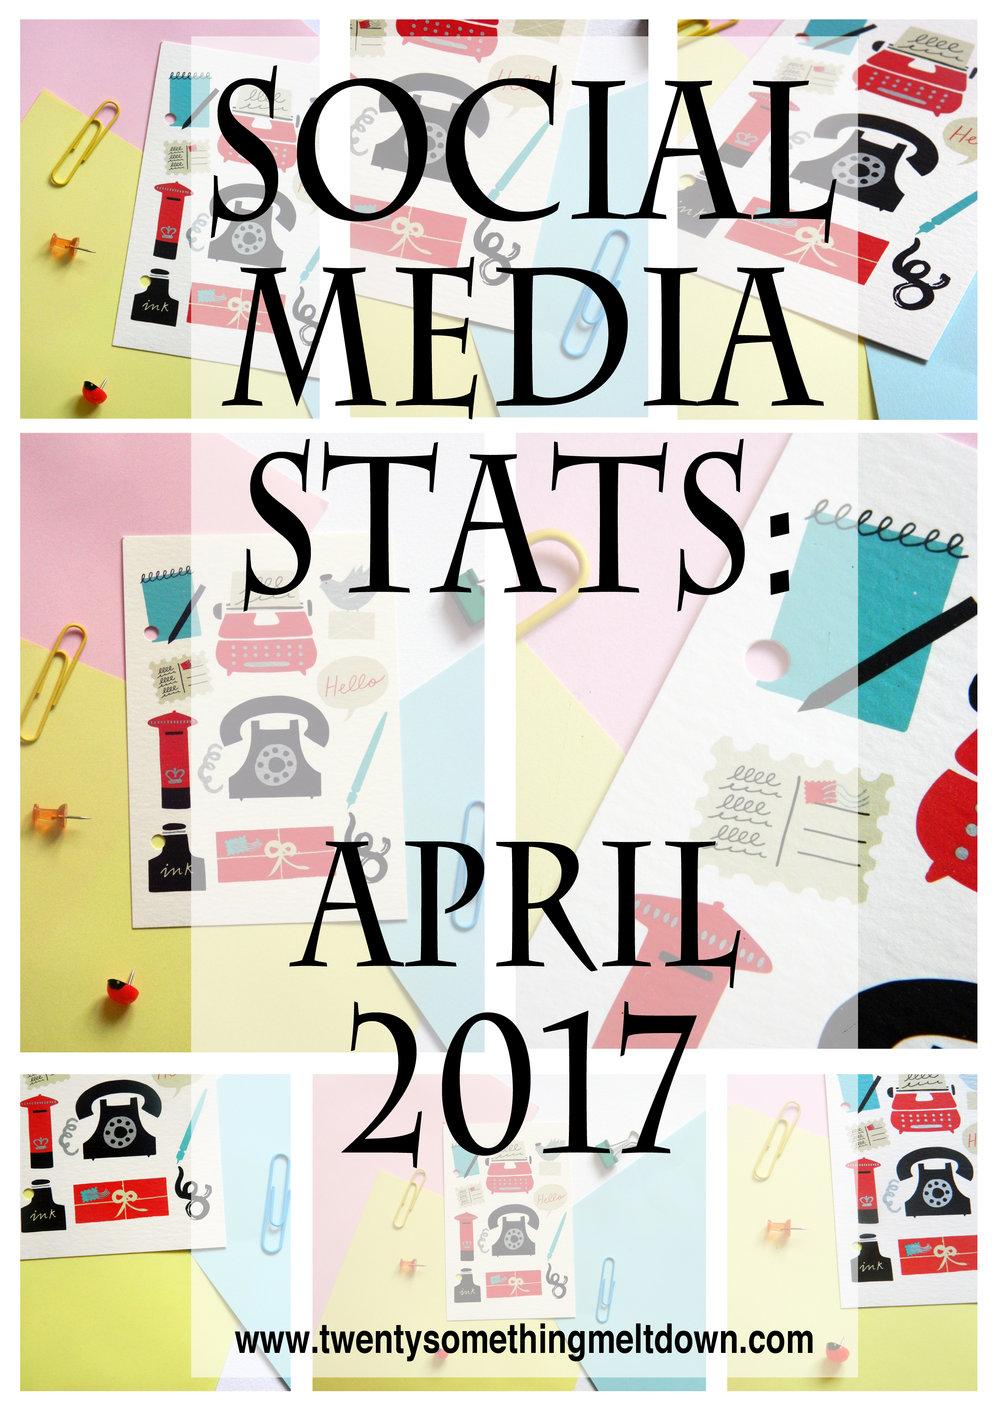 Social Media Statistics - April 2017.